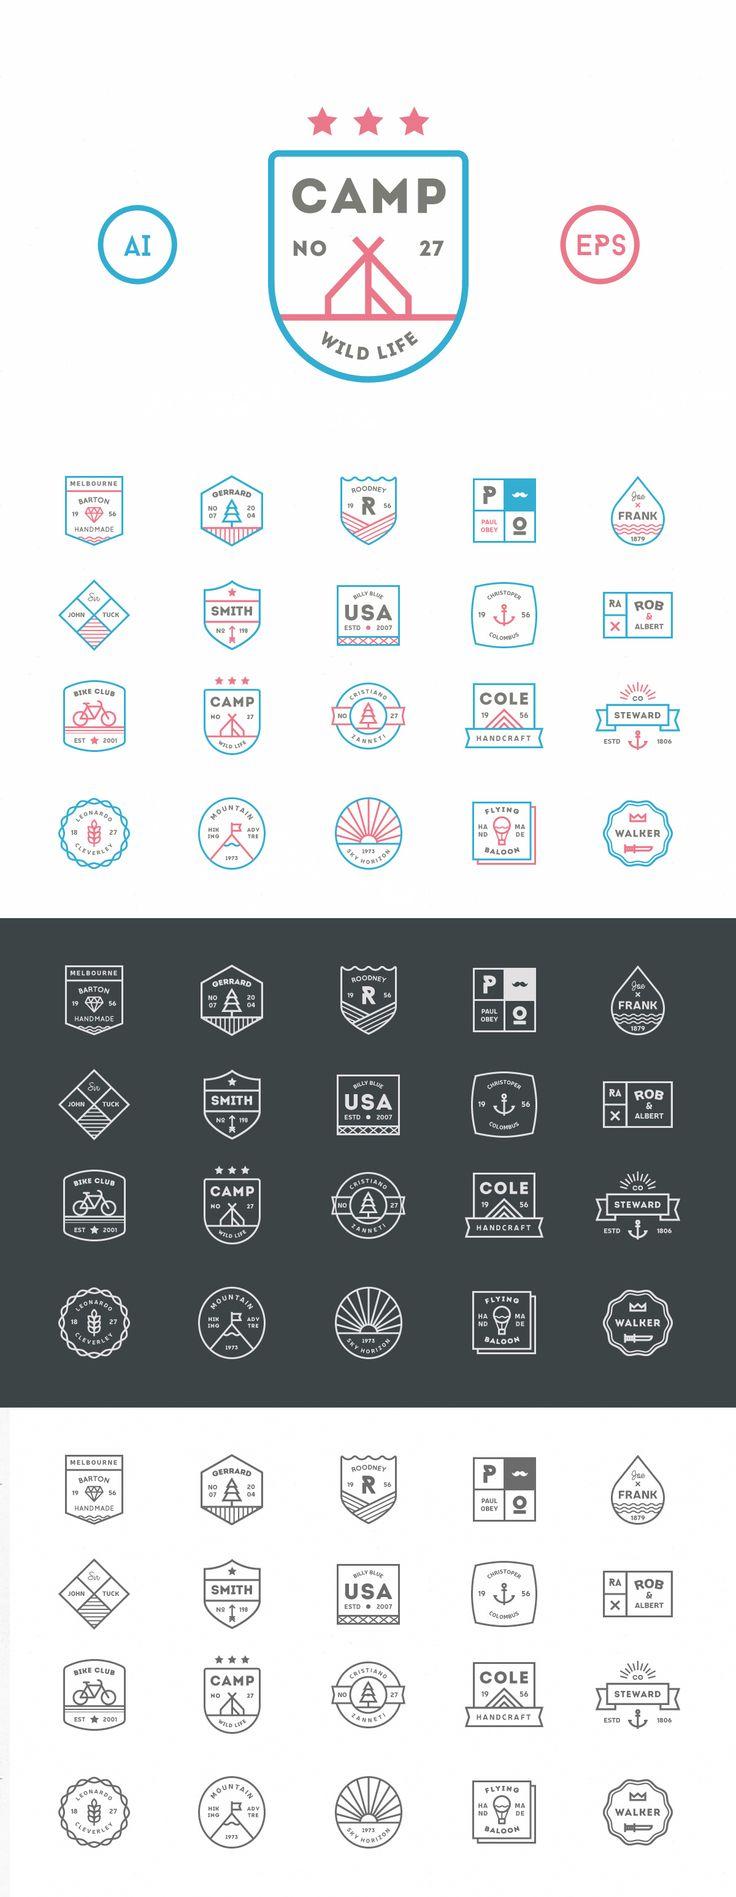 Awesome 20 Line Badges #design Download: https://creativemarket.com/vuuuds/124140-20-Line-Badges?u=ksioks